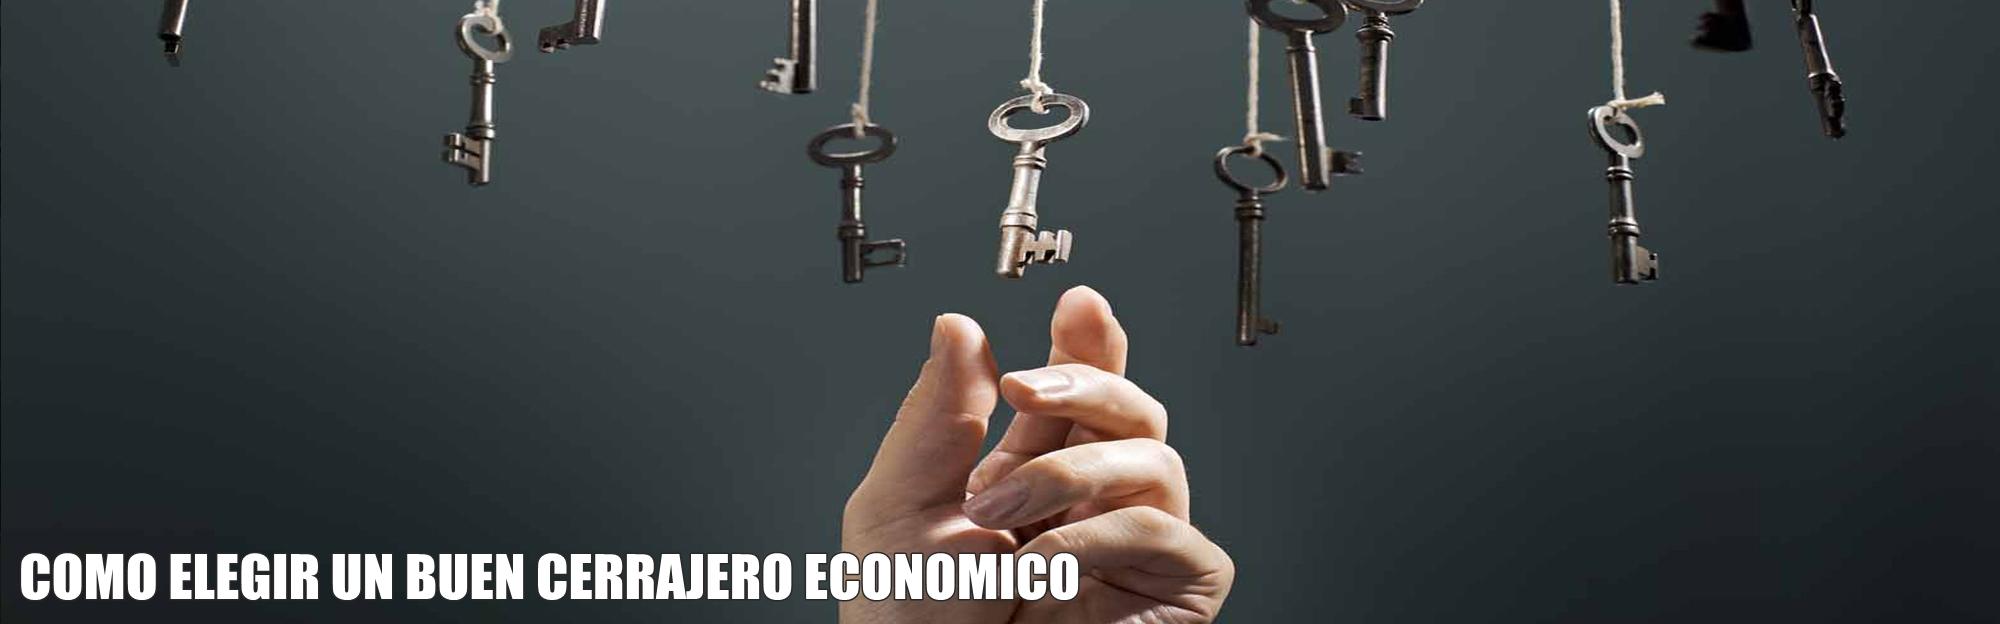 CERRAJEROS ECONOMICOS EN BARCELONA